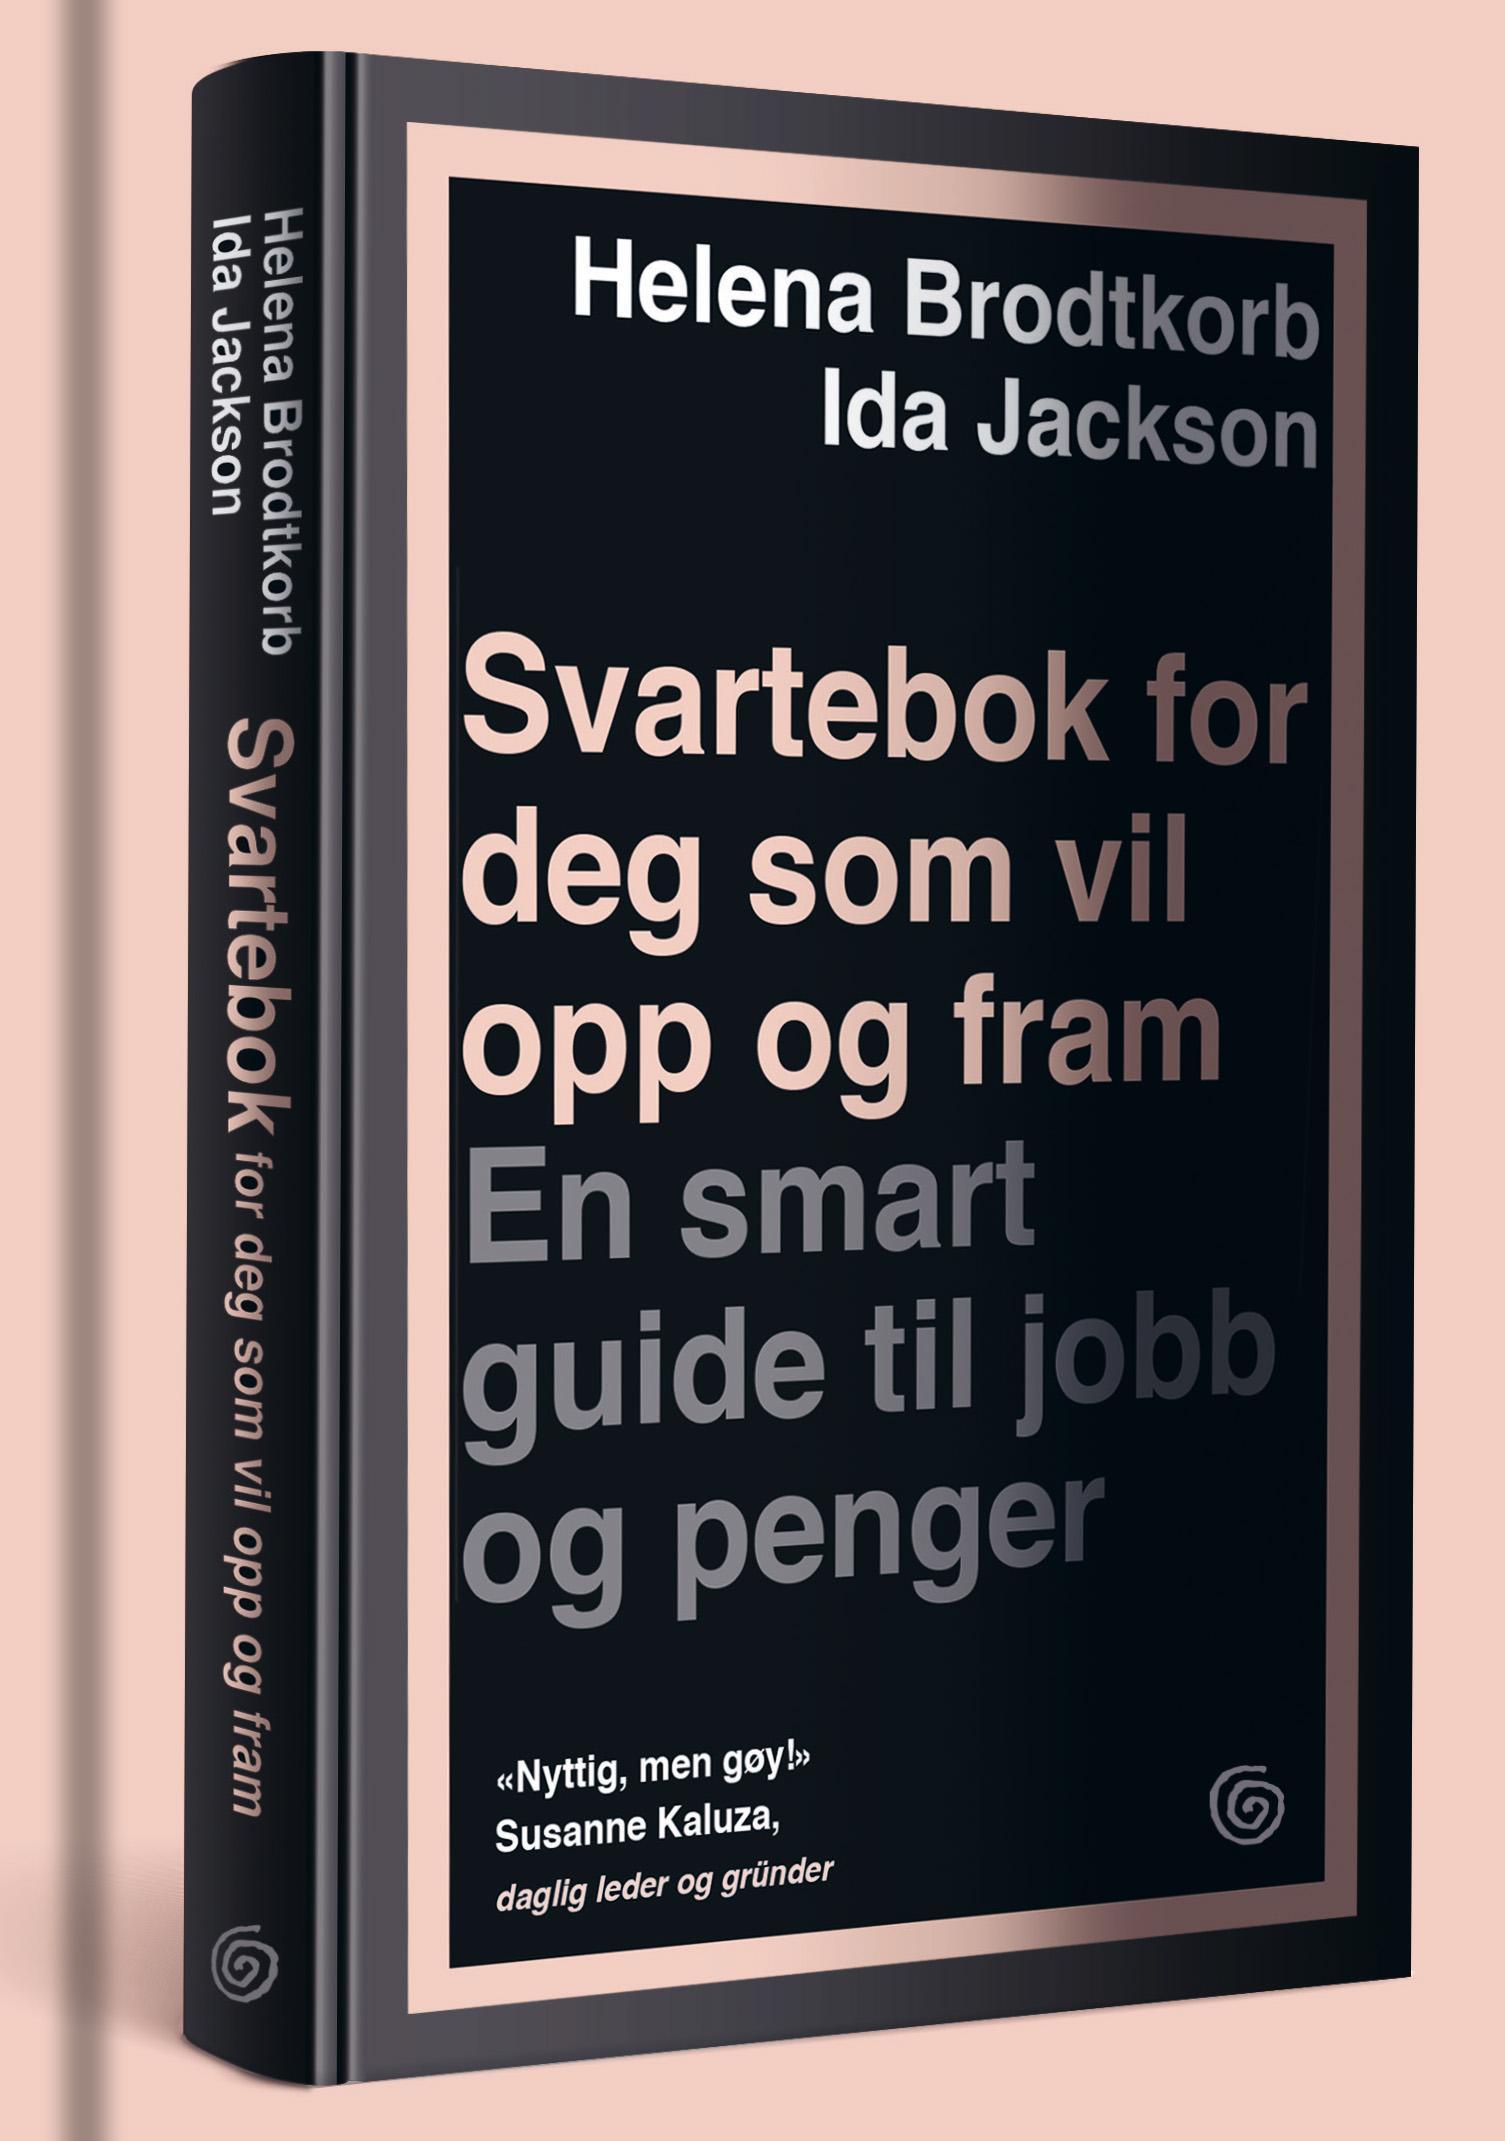 """""""Svartebok for deg som vil opp og fram - en smart guide til jobb og penger"""" av Helena Brodtkorb"""